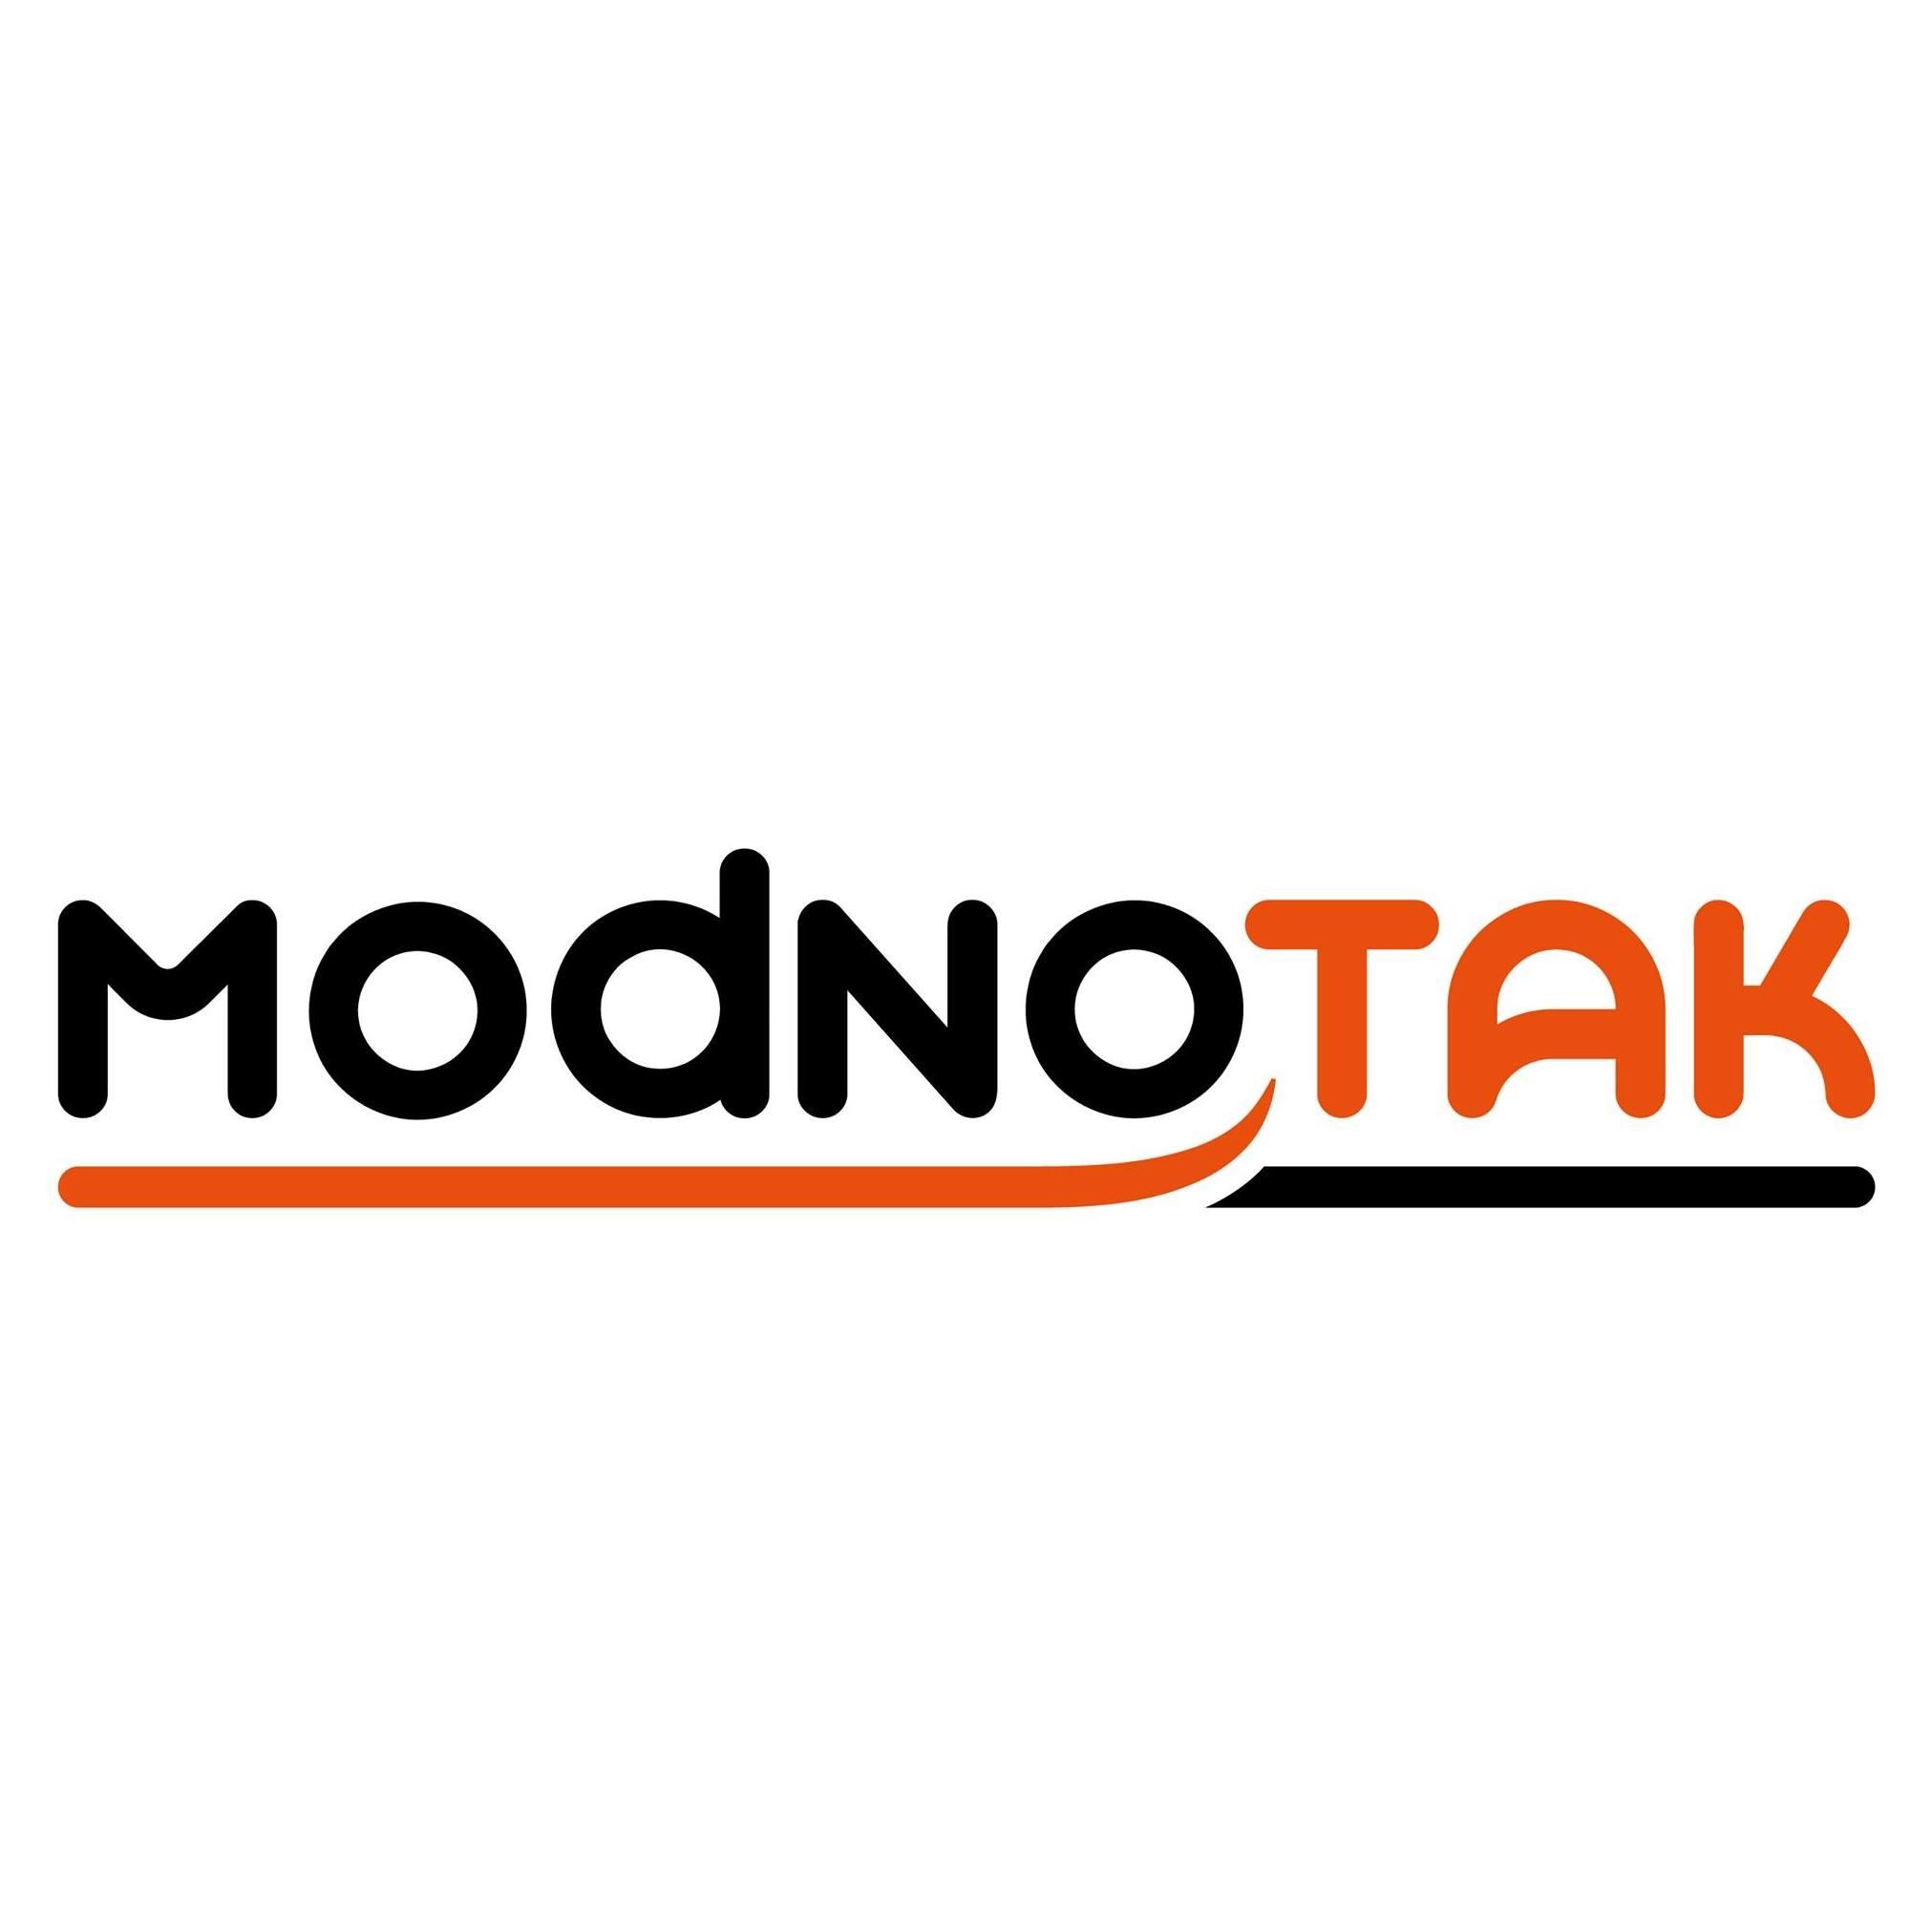 Интернет магазин сумок и аксессуаров modnotak.com.ua